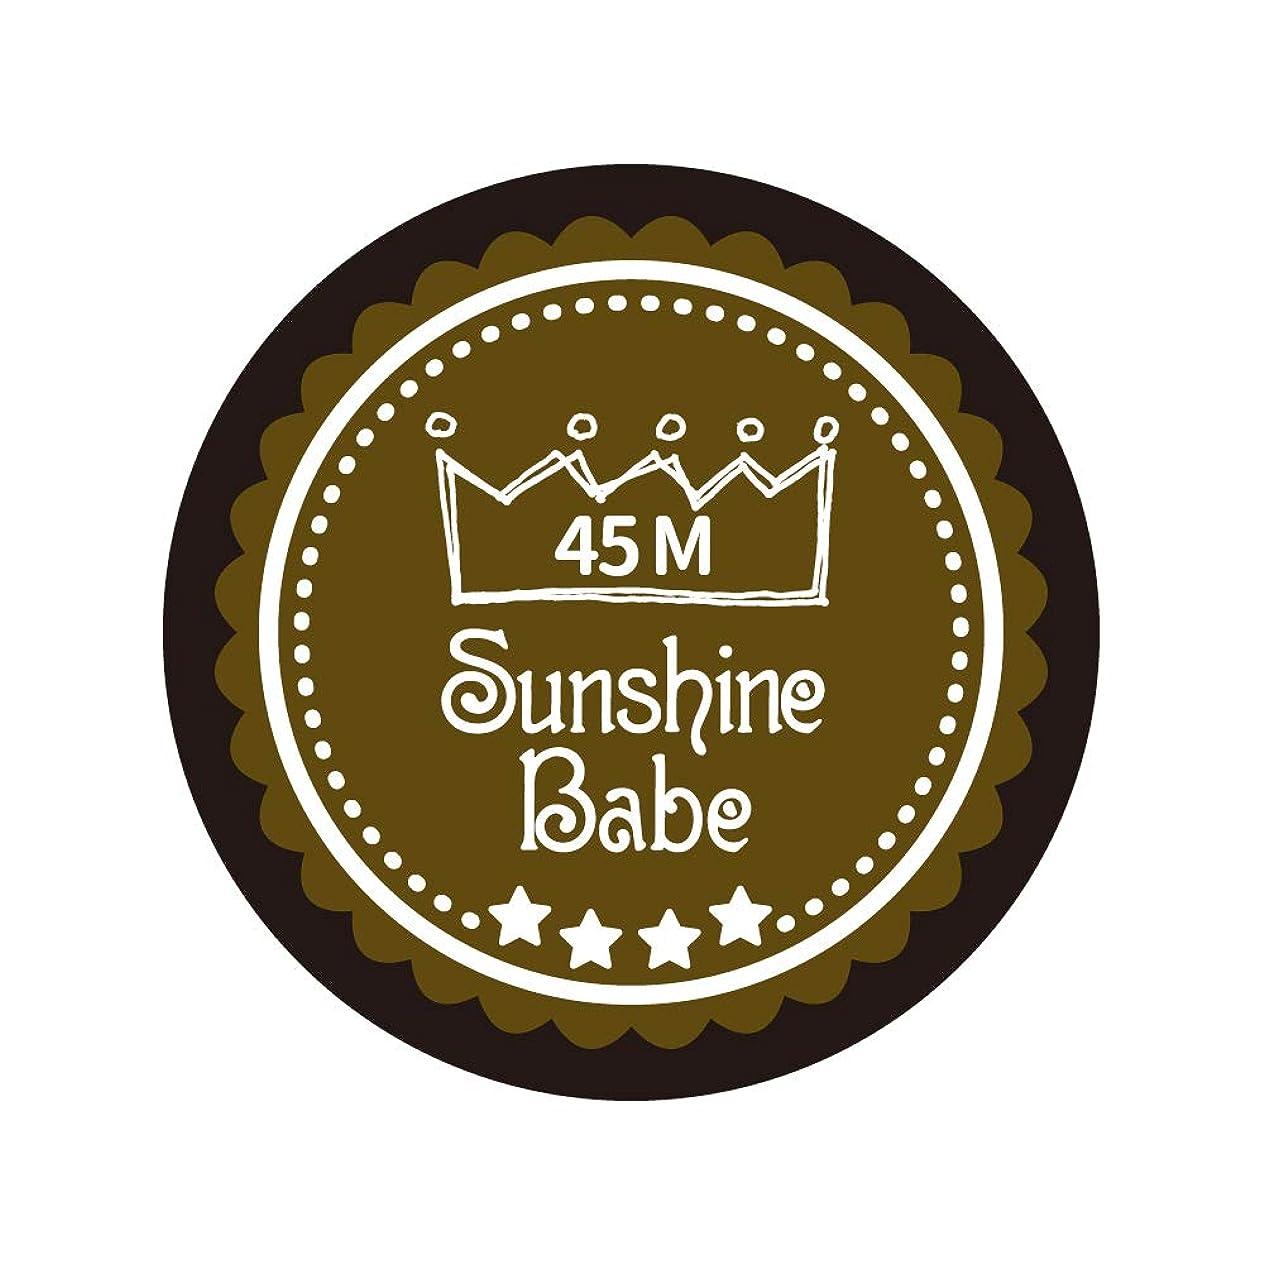 バケツ古くなった悪意のあるSunshine Babe カラージェル 45M マティーニオリーブ 4g UV/LED対応